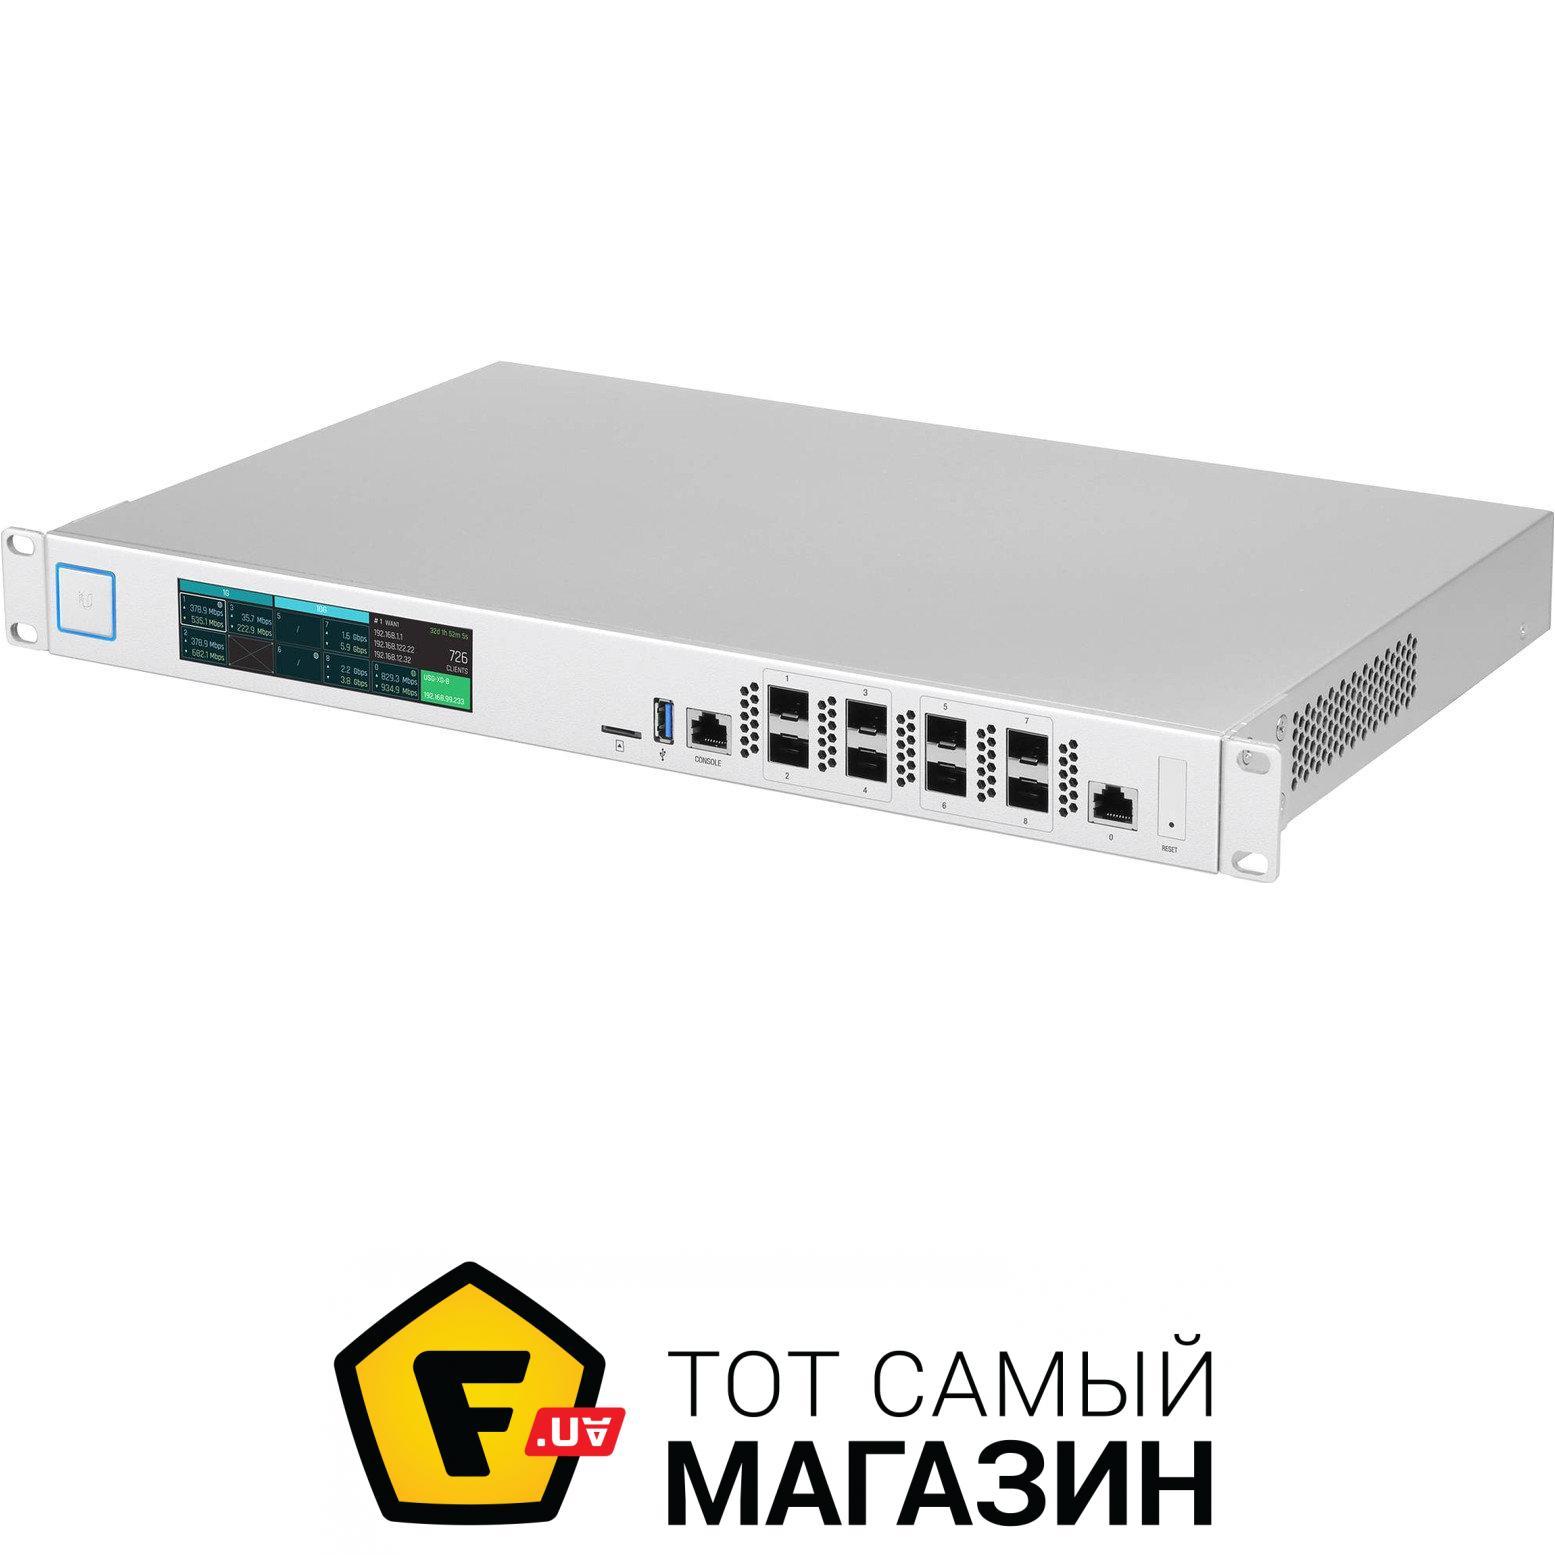 Маршрутизатор Ubiquiti UniFi Security Gateway XG (USG-XG-8)